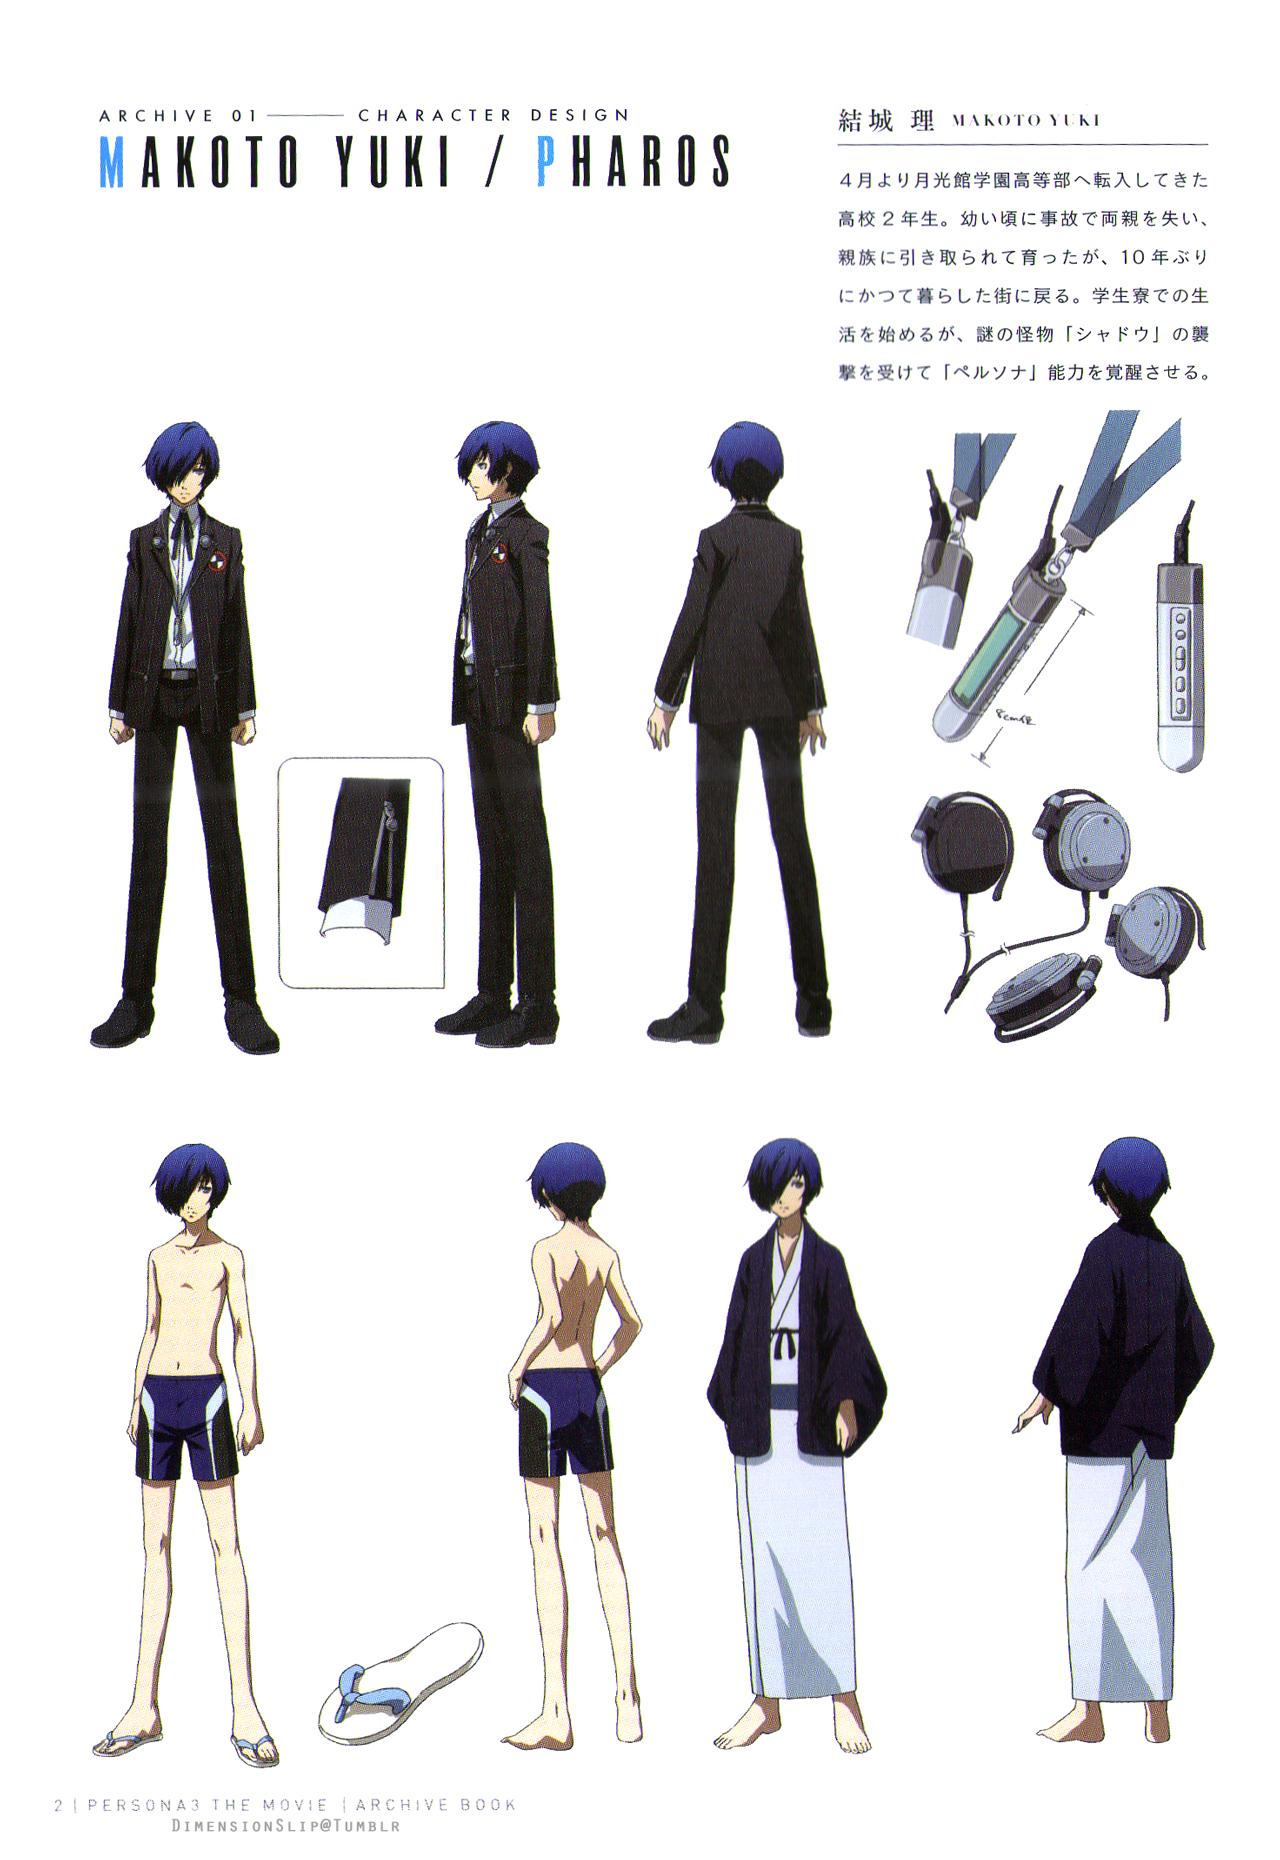 Dimensionslip Persona Persona 3 Portable Makoto